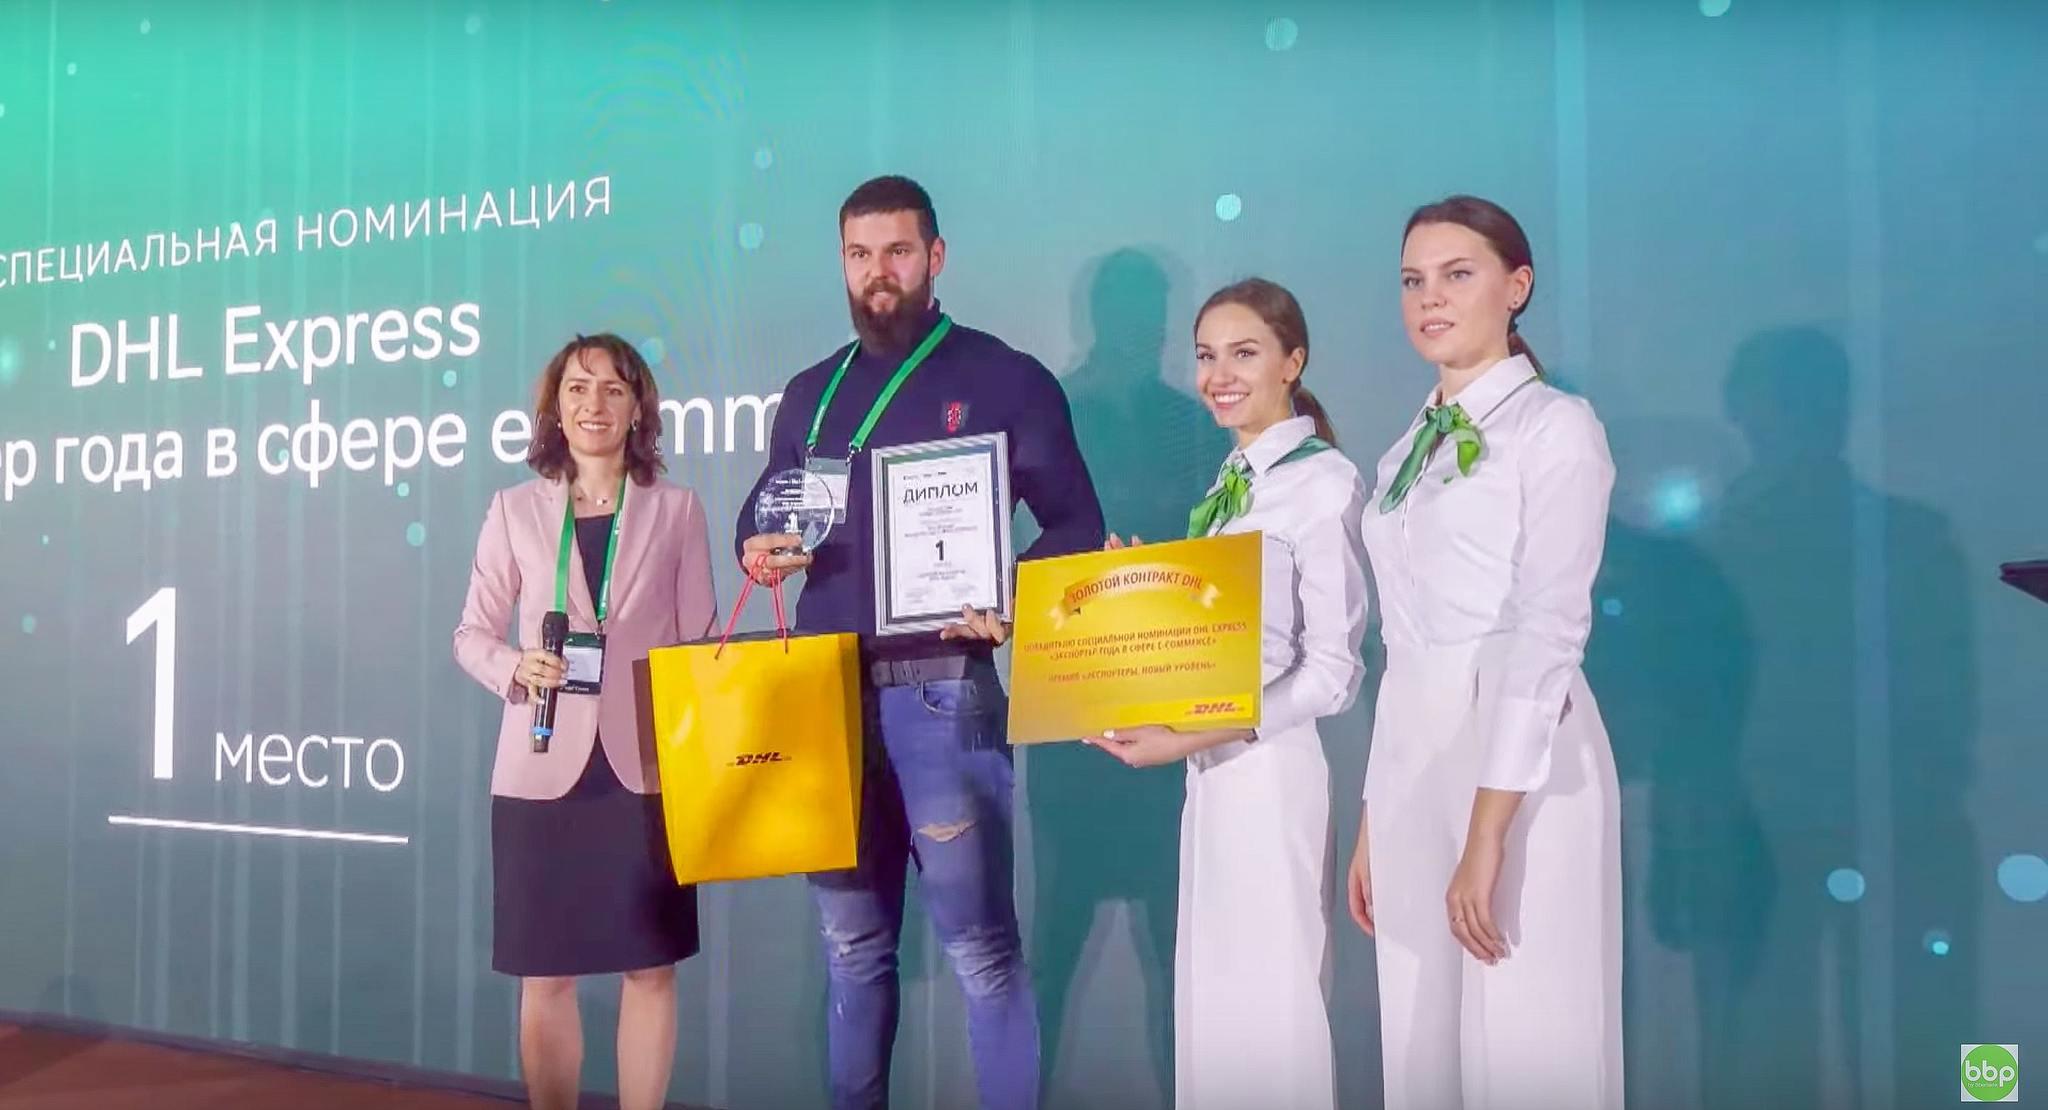 DHL и Сбербанк наградили лучших экспортеров Российской Федерации